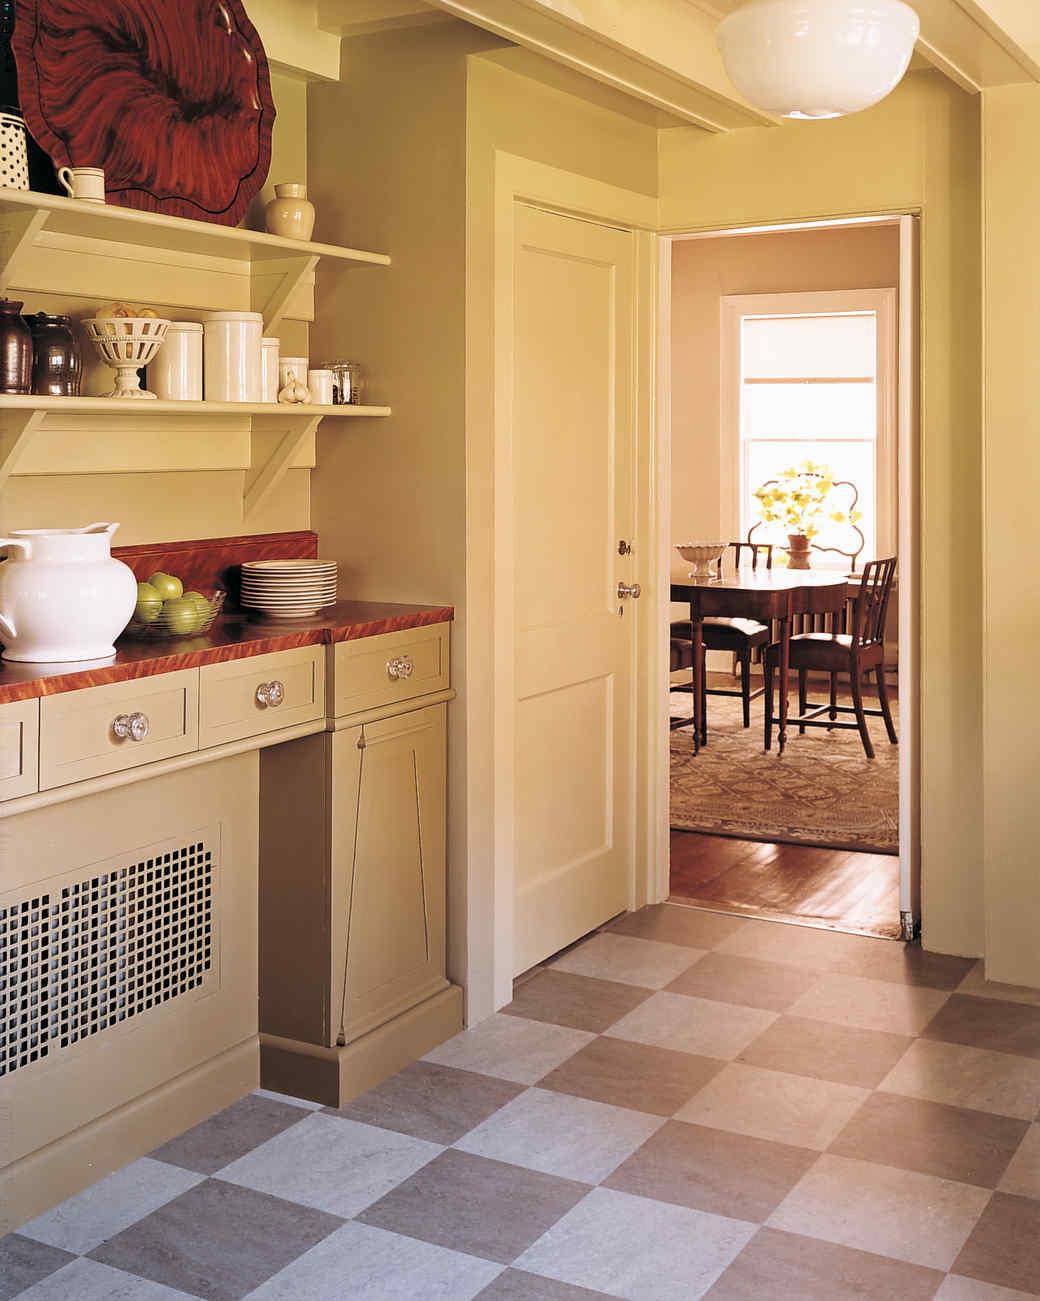 kitchen-redefined-19-d99500-0915.jpg